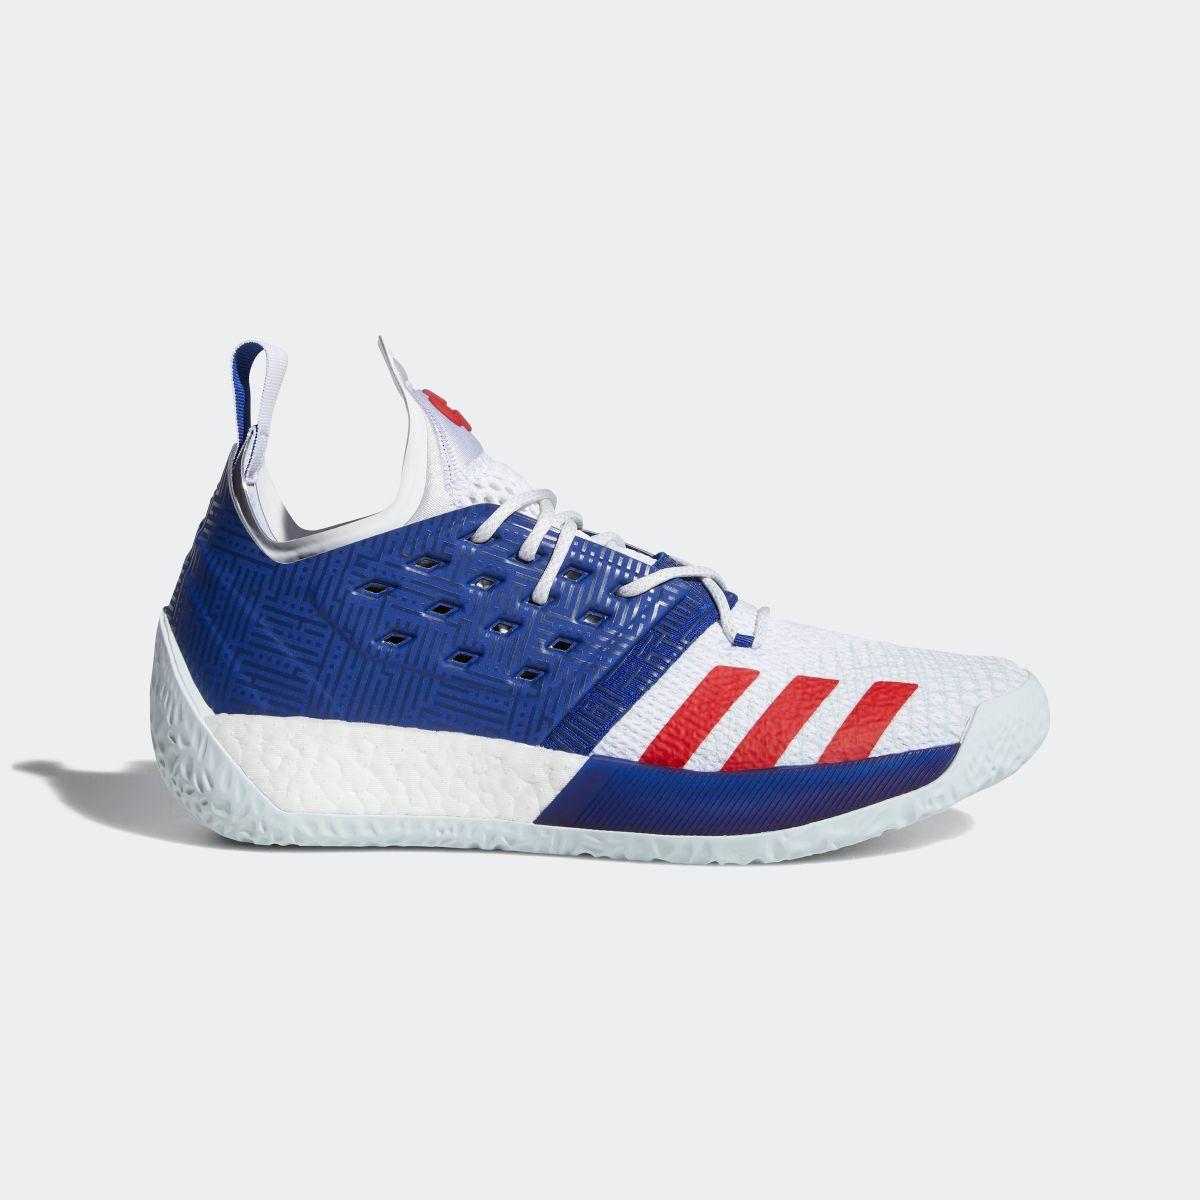 全品ポイント20倍 1/8 10:00~1/11 16:59 【公式】アディダス adidas Harden Vol. 2 メンズ AQ0026 バスケットボール シューズ